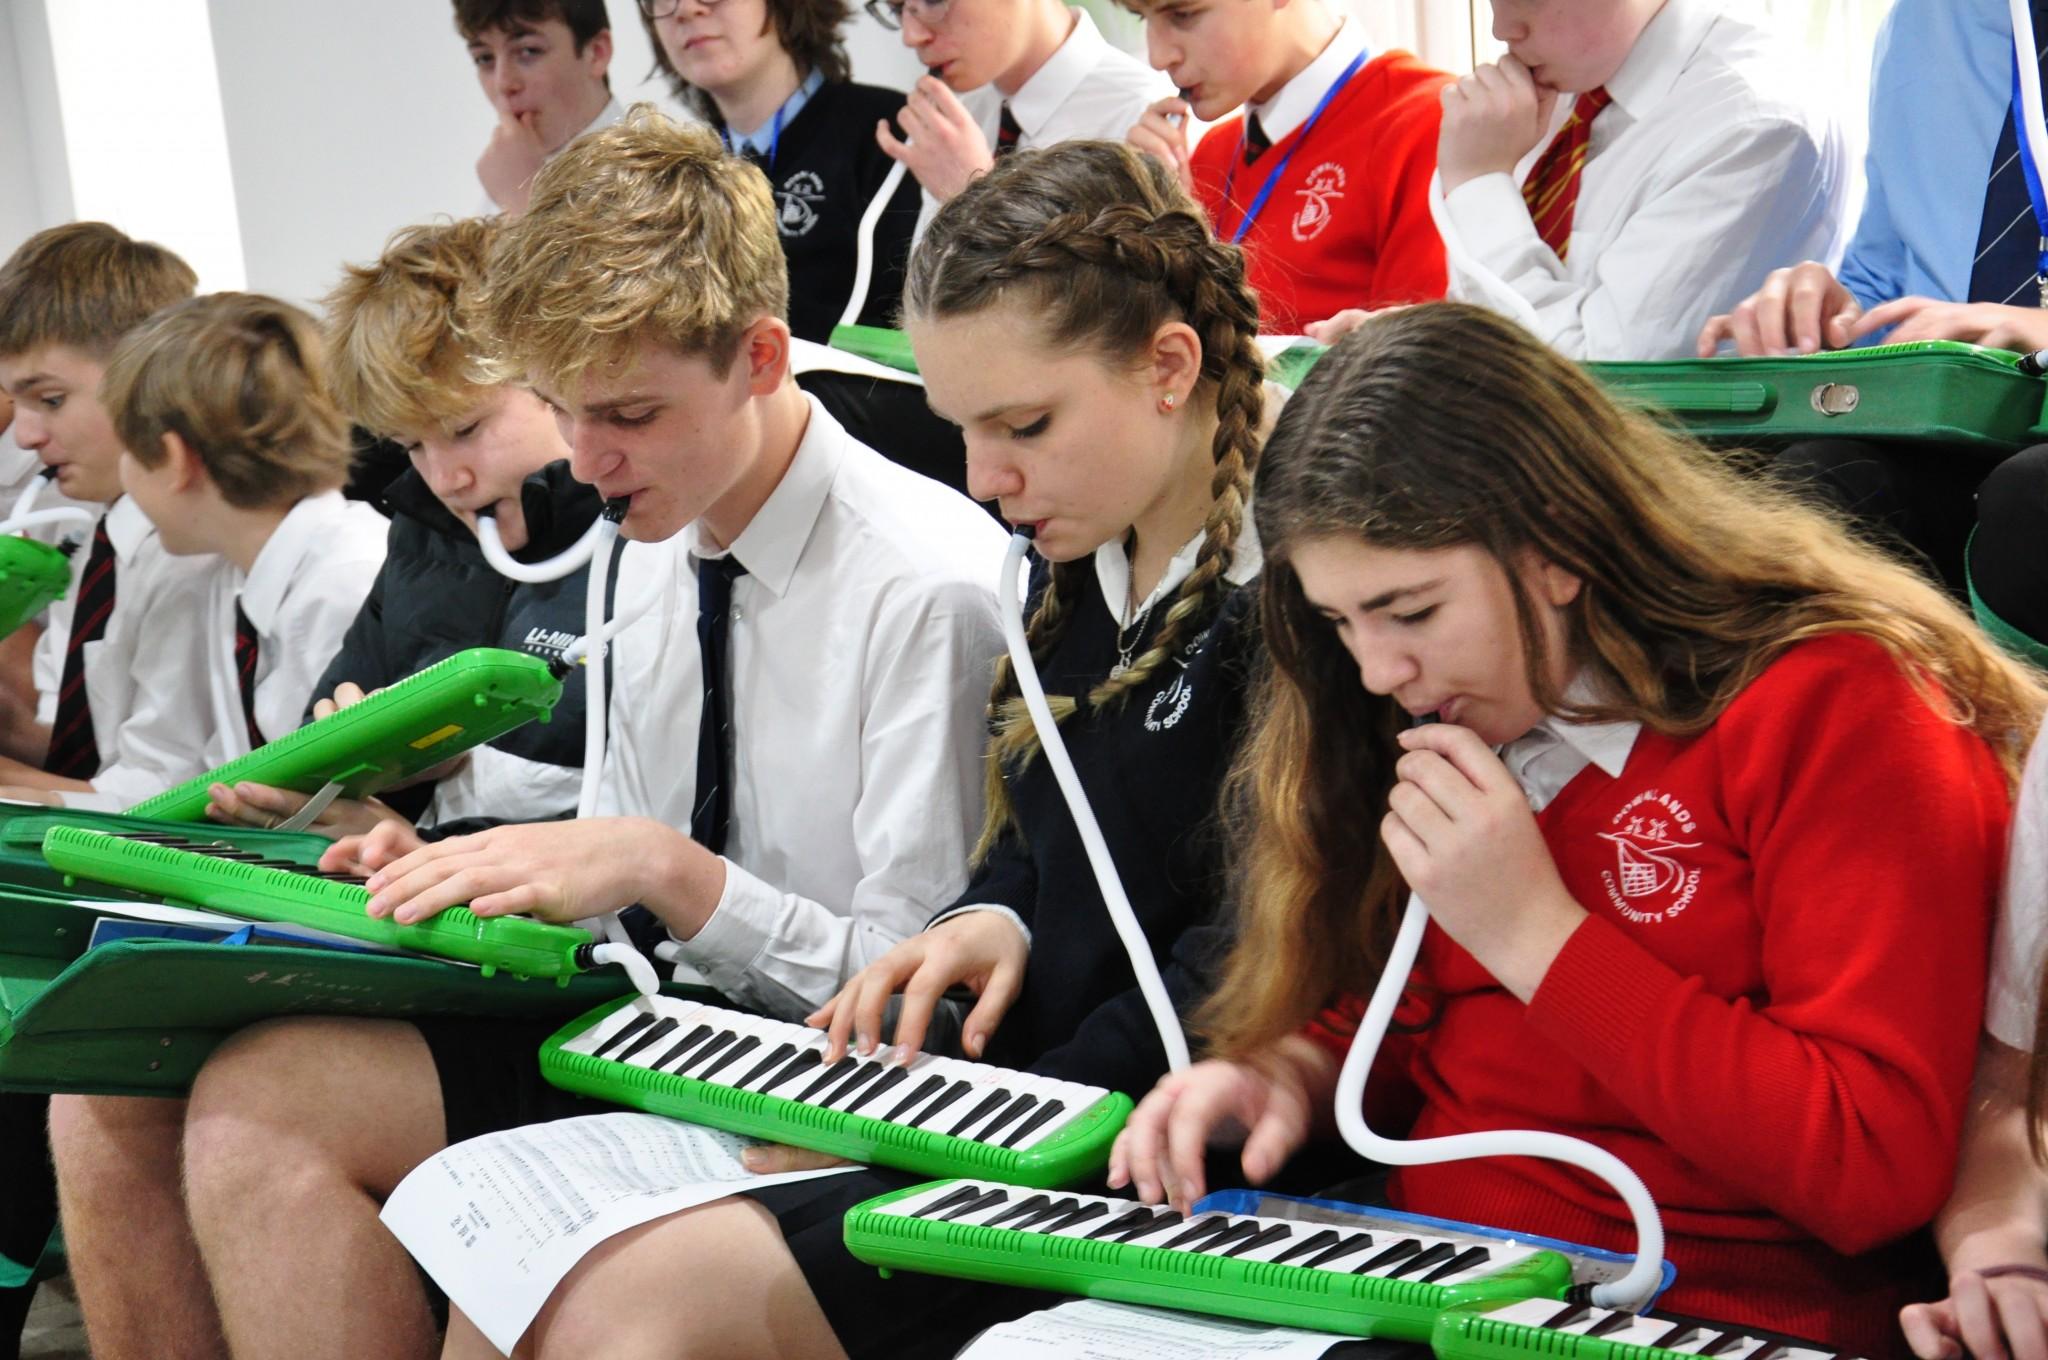 音乐课 Music lesson